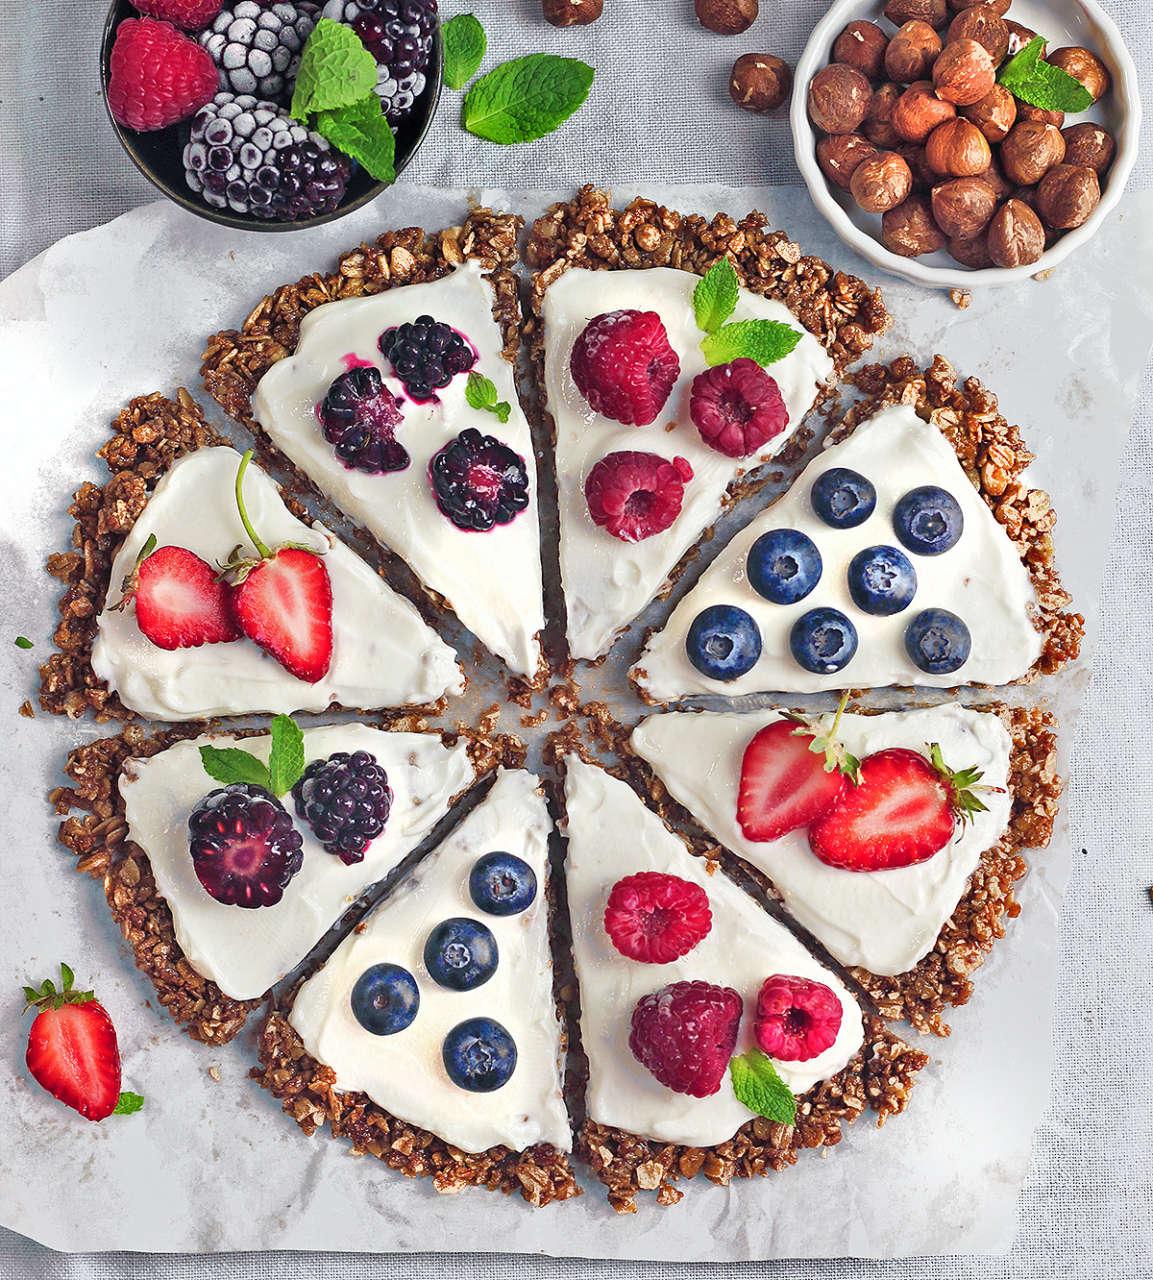 Ricetta Yogurt E Frutti Di Bosco.Croccante Di Muesli Con Yogurt E Frutti Di Bosco Cucina Naturale